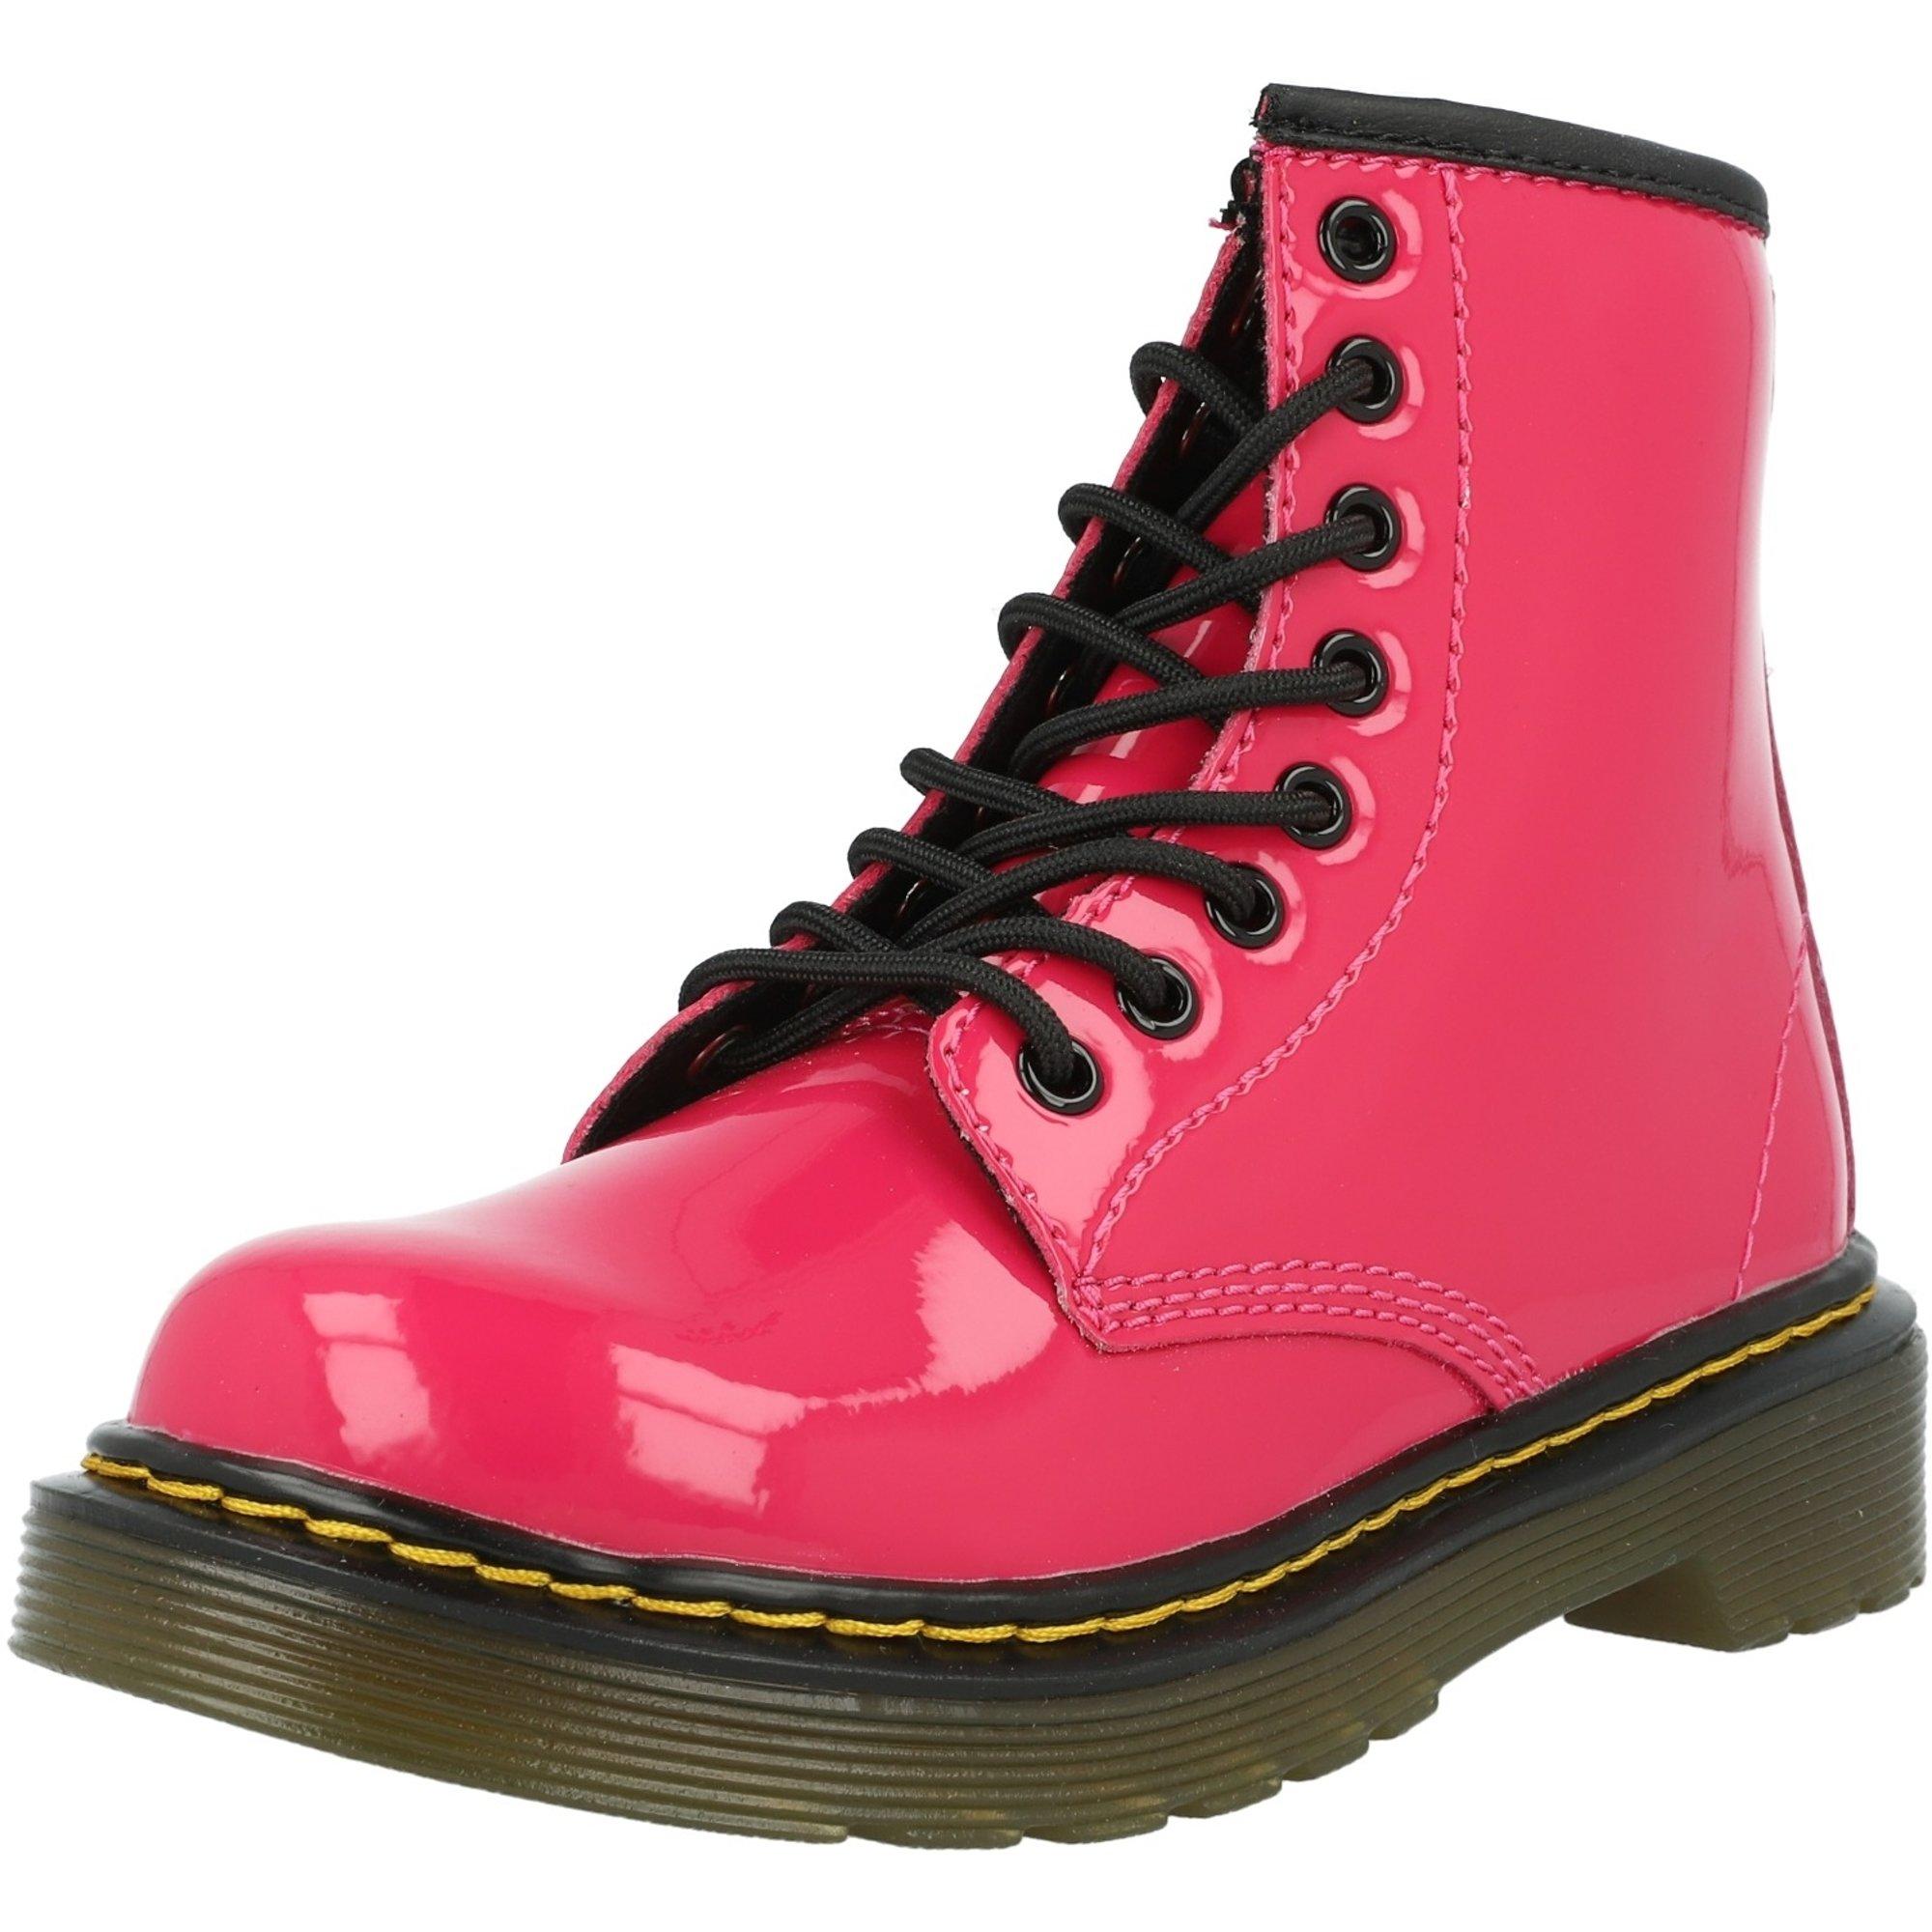 Dr Martens 1460 J Hot Pink Patent